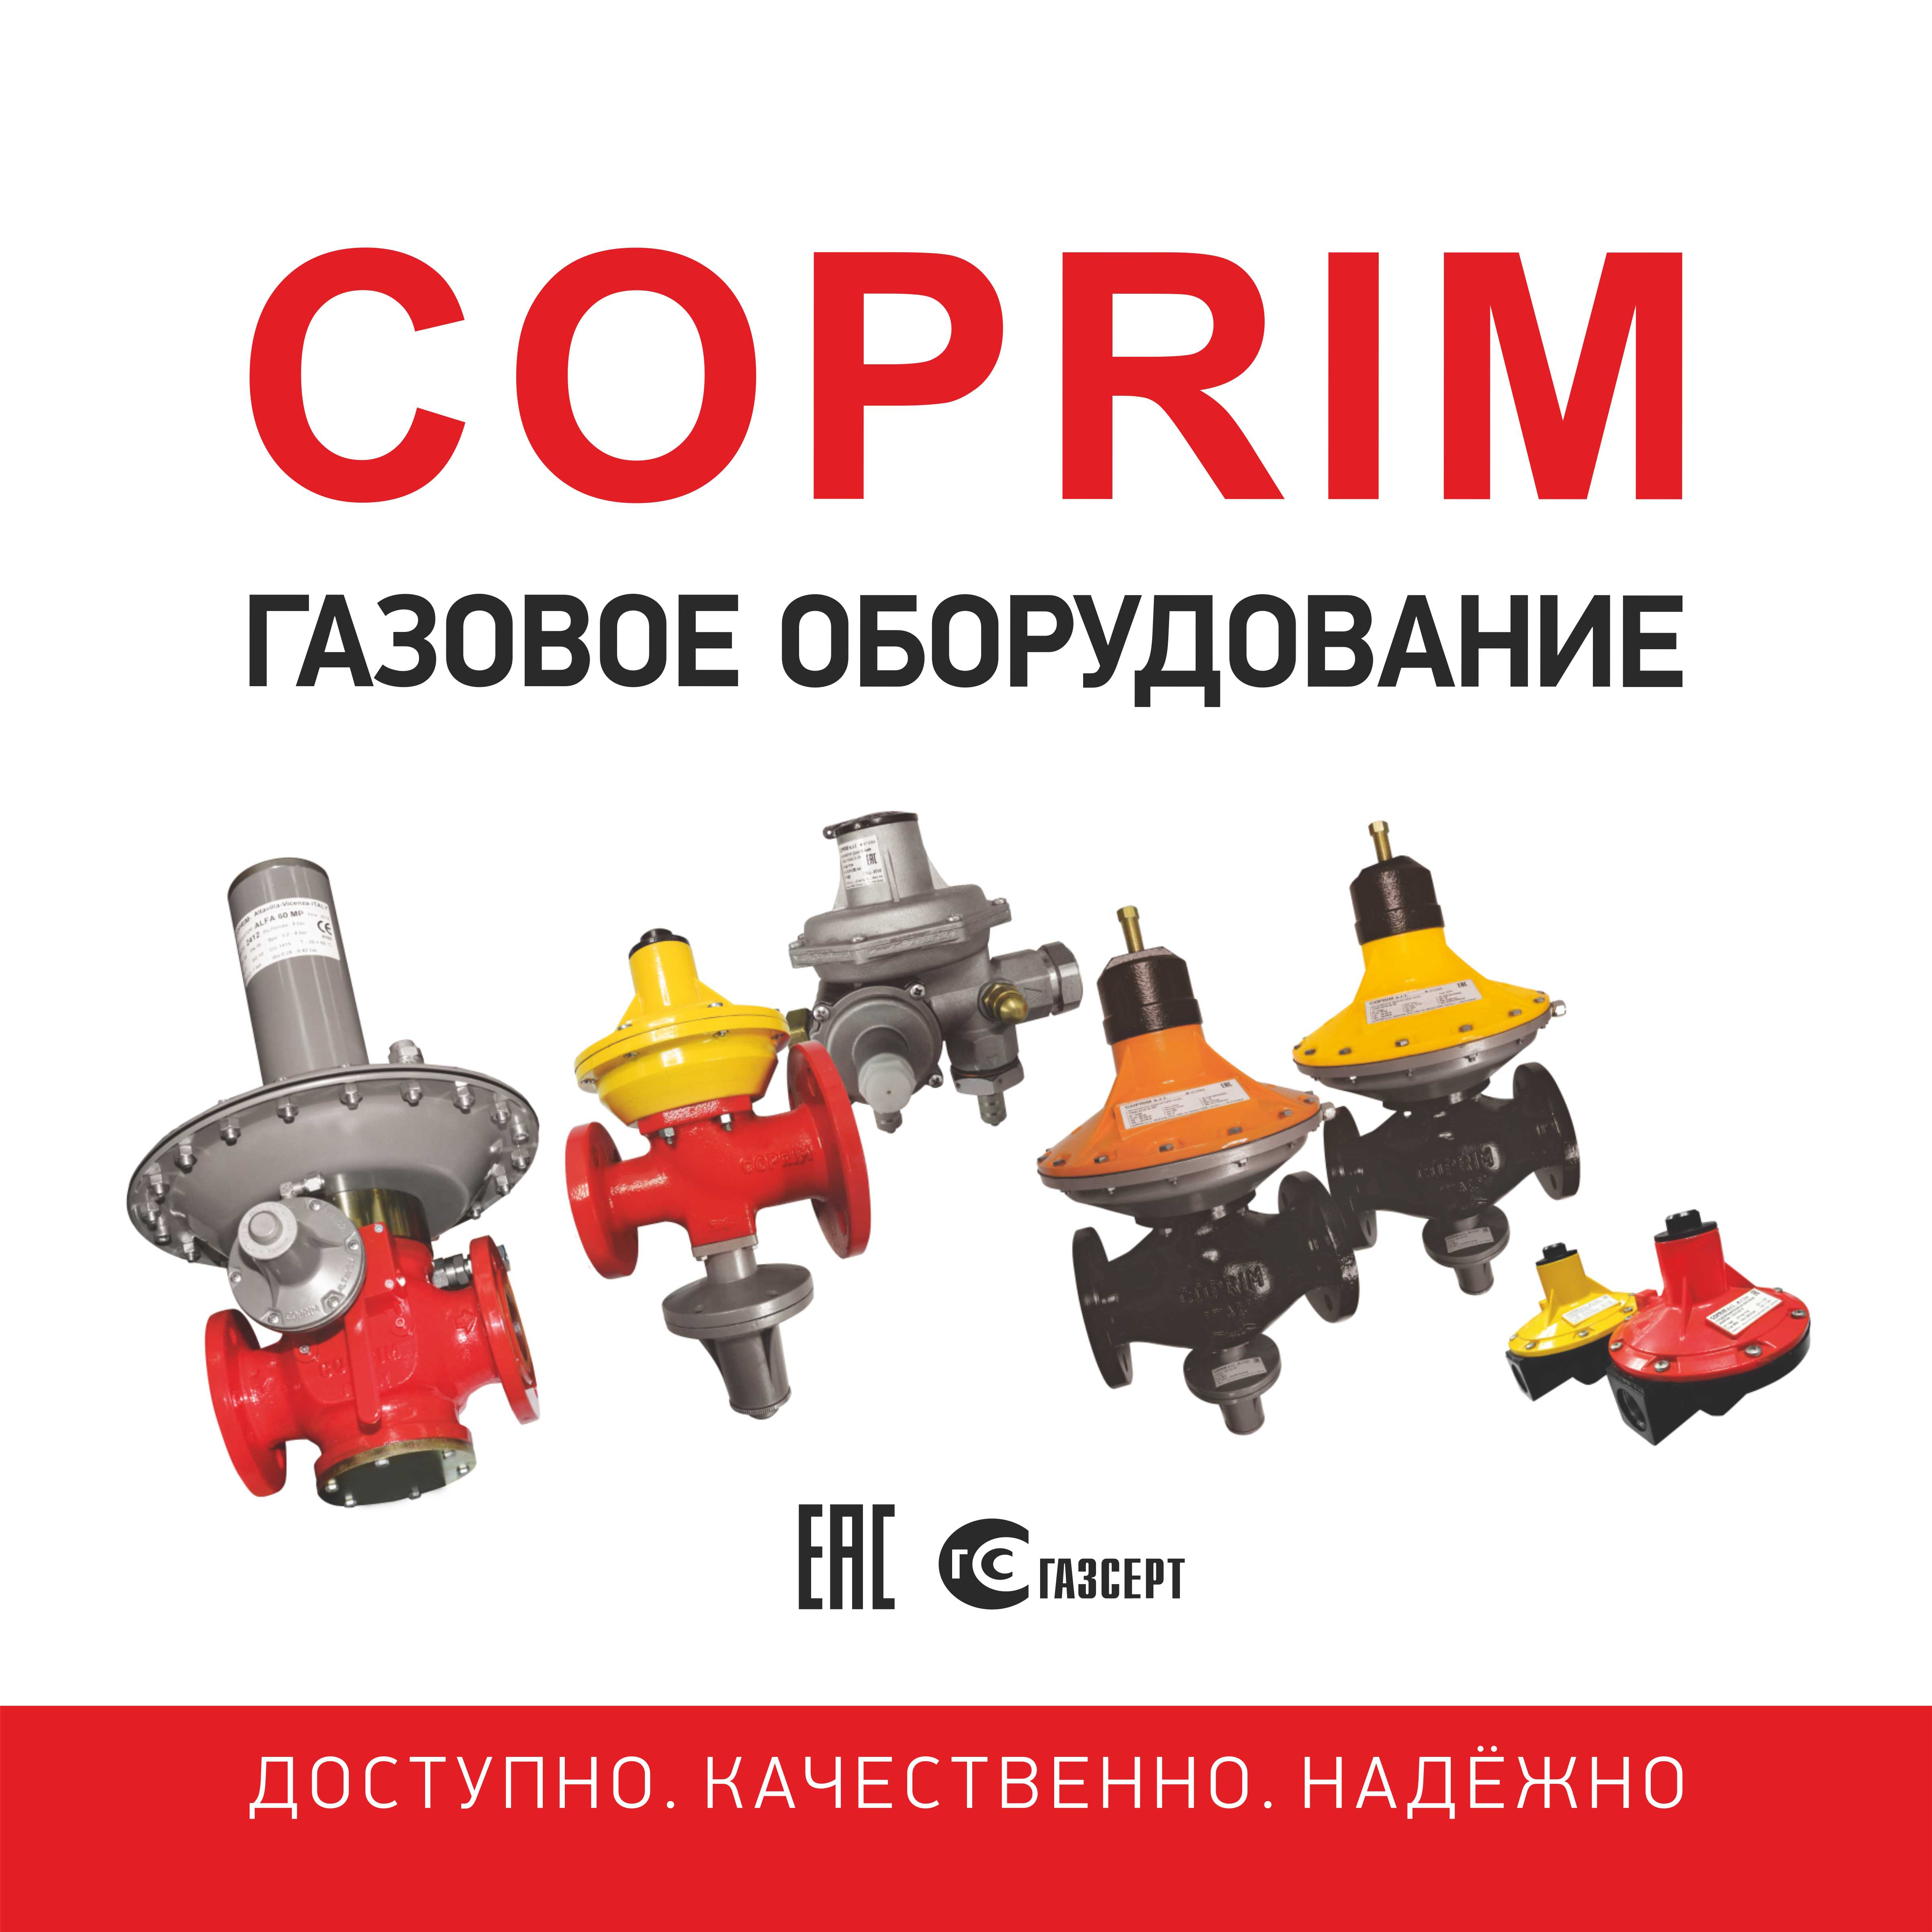 COPRIM